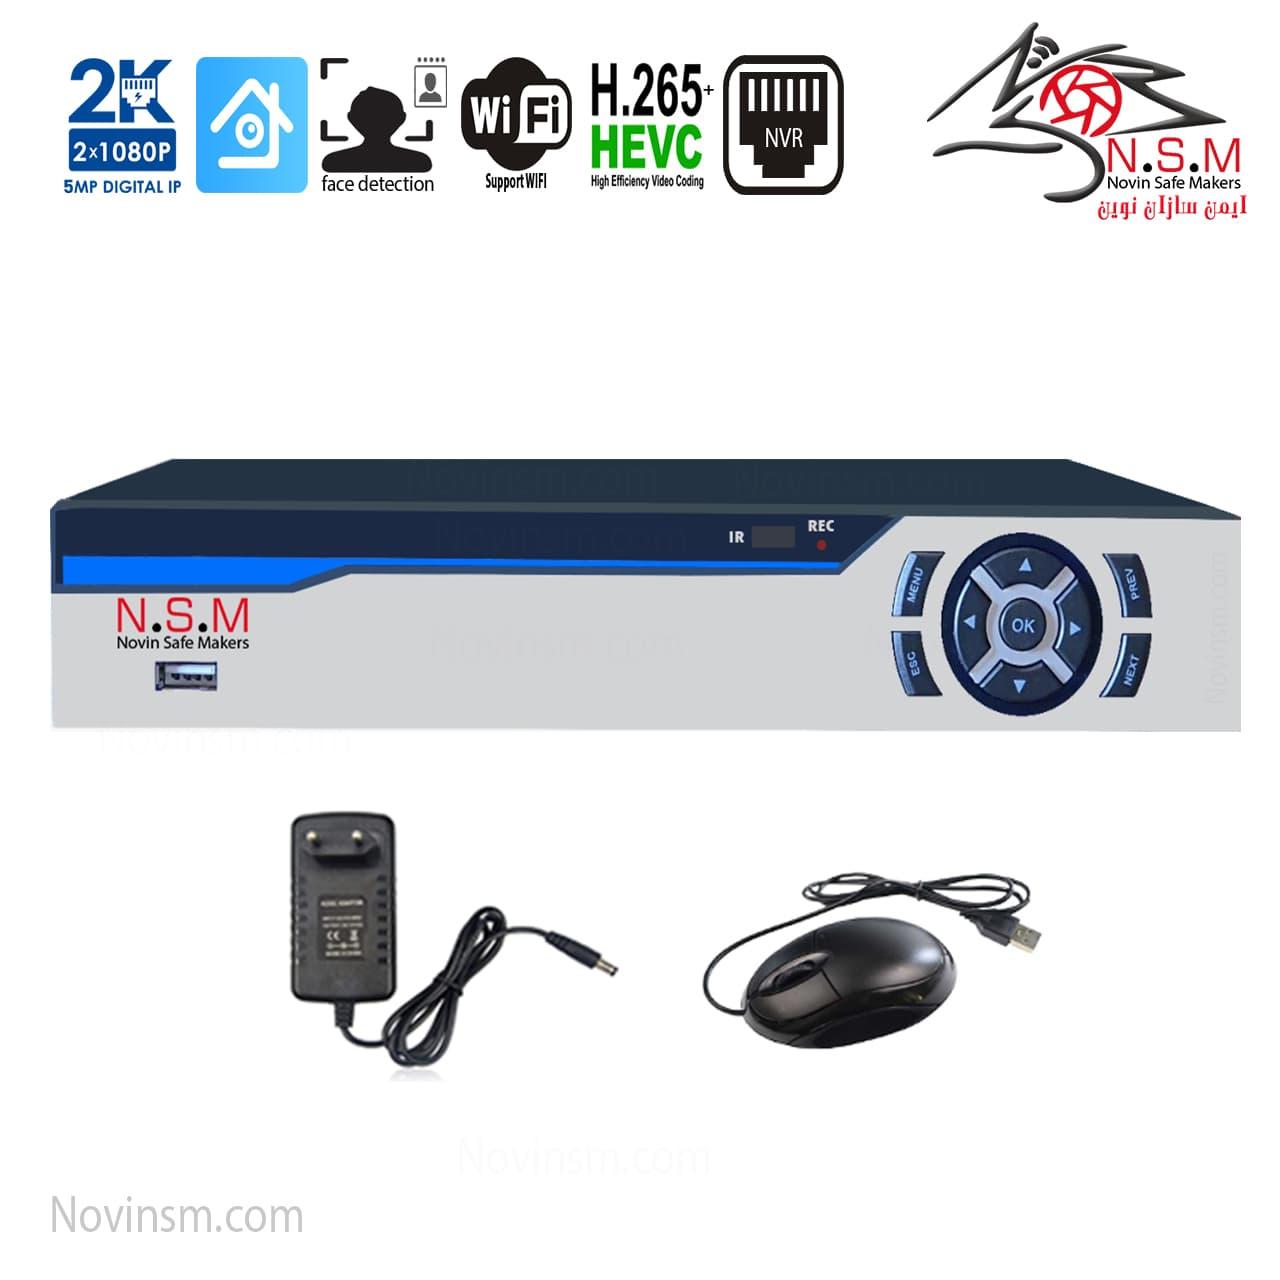 دستگاه ضبط NVR 9 کانال 2K | دستگاه ضبط تحت شبکه